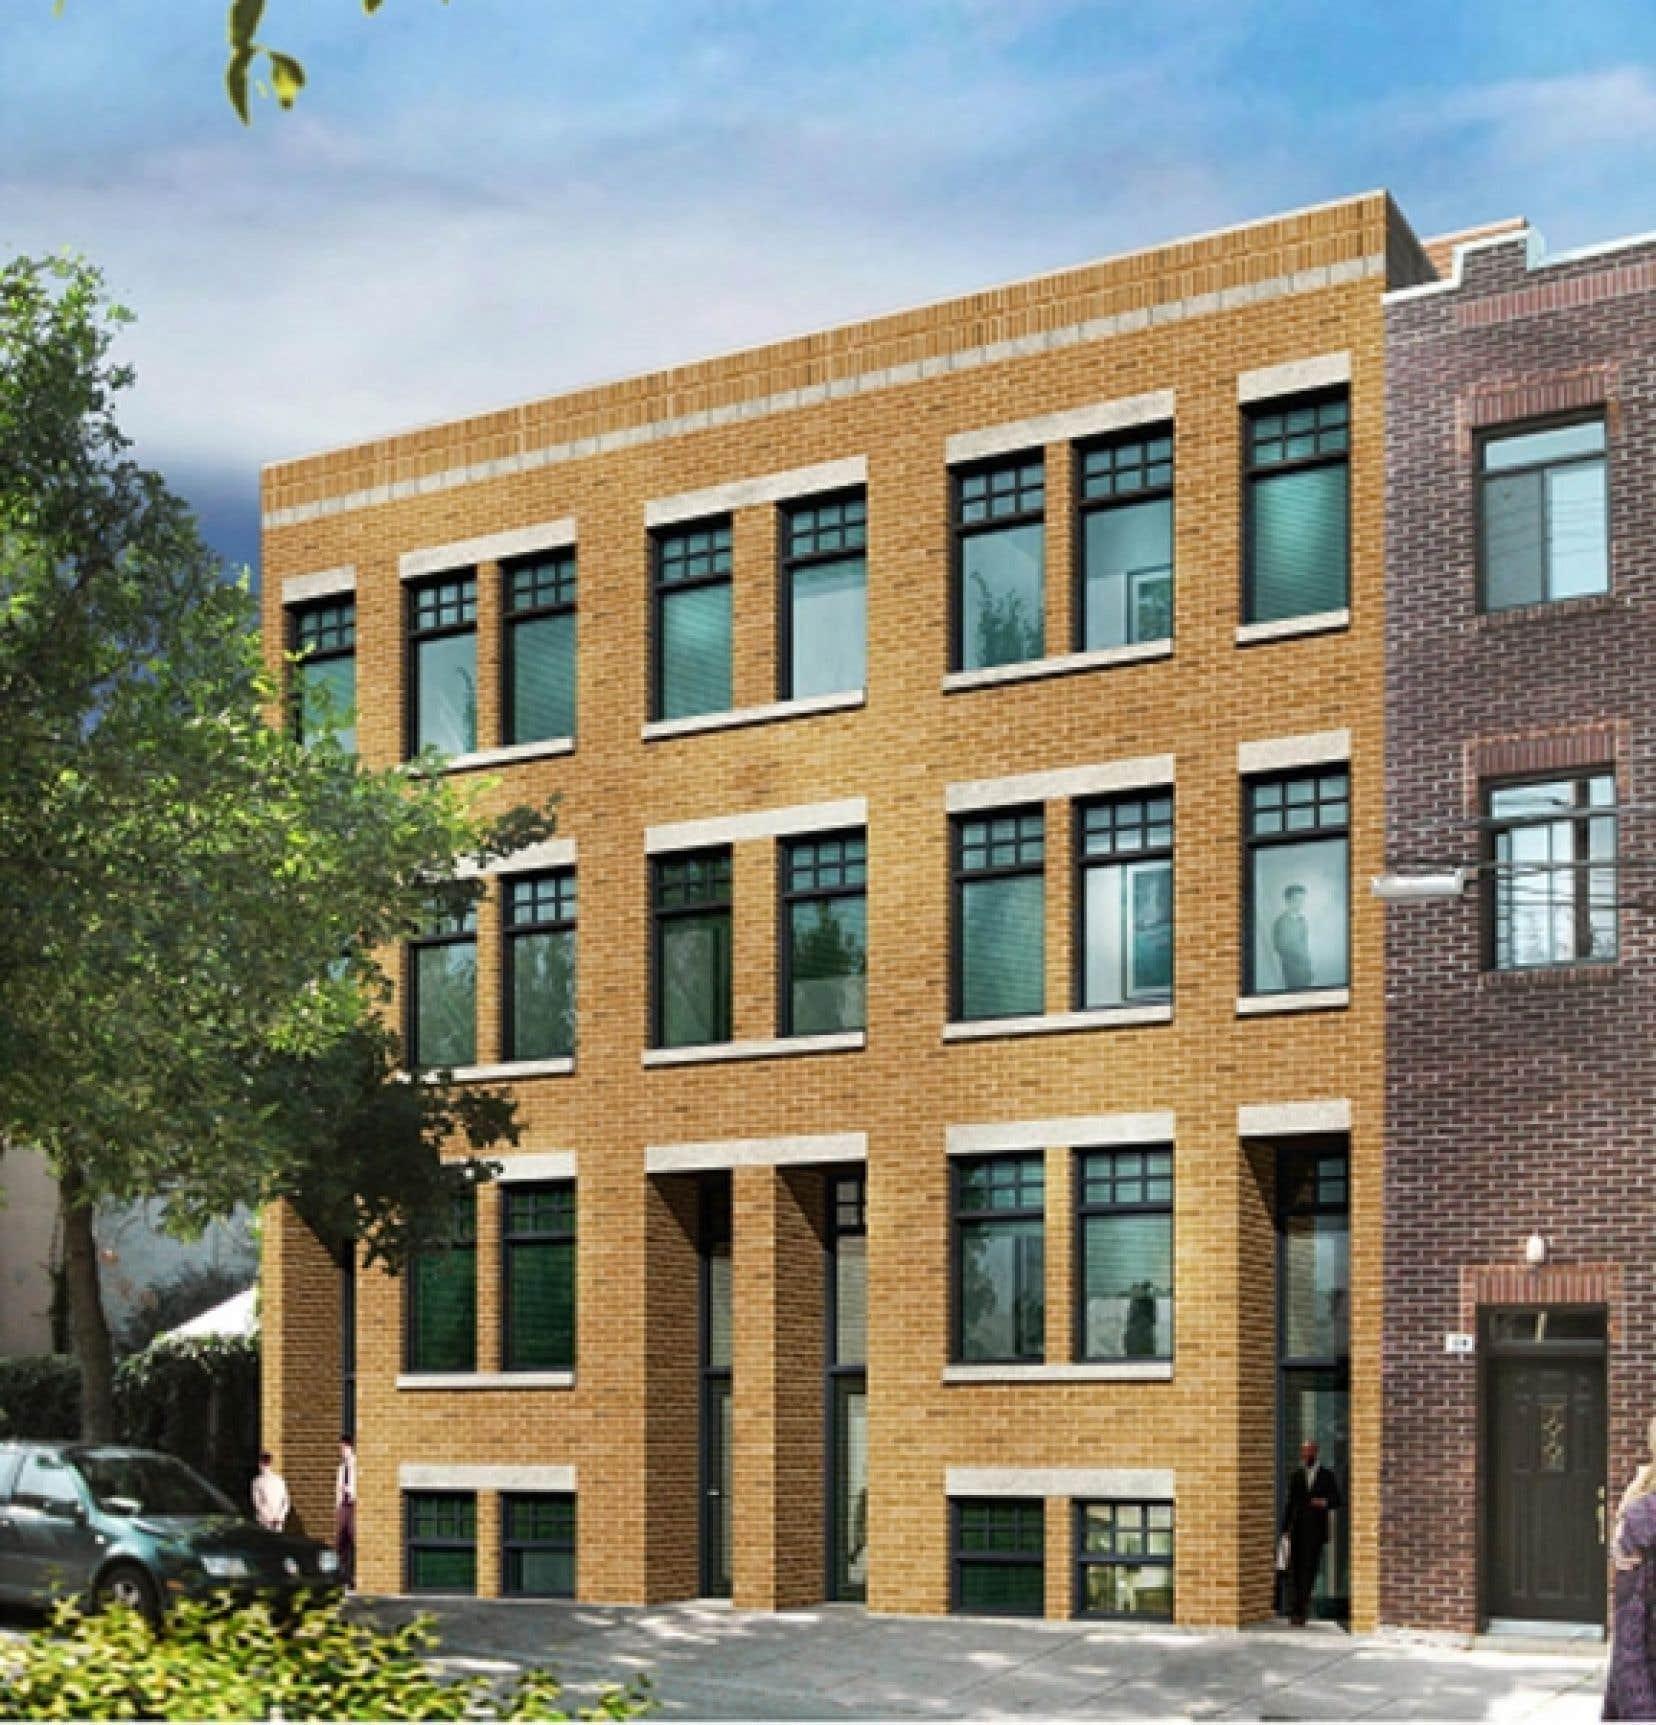 Les Entreprises Chapam évoluent dans le quartier Sud-Ouest de Montréal. Les plus petits projets immobiliers offrent plus de flexibilité.